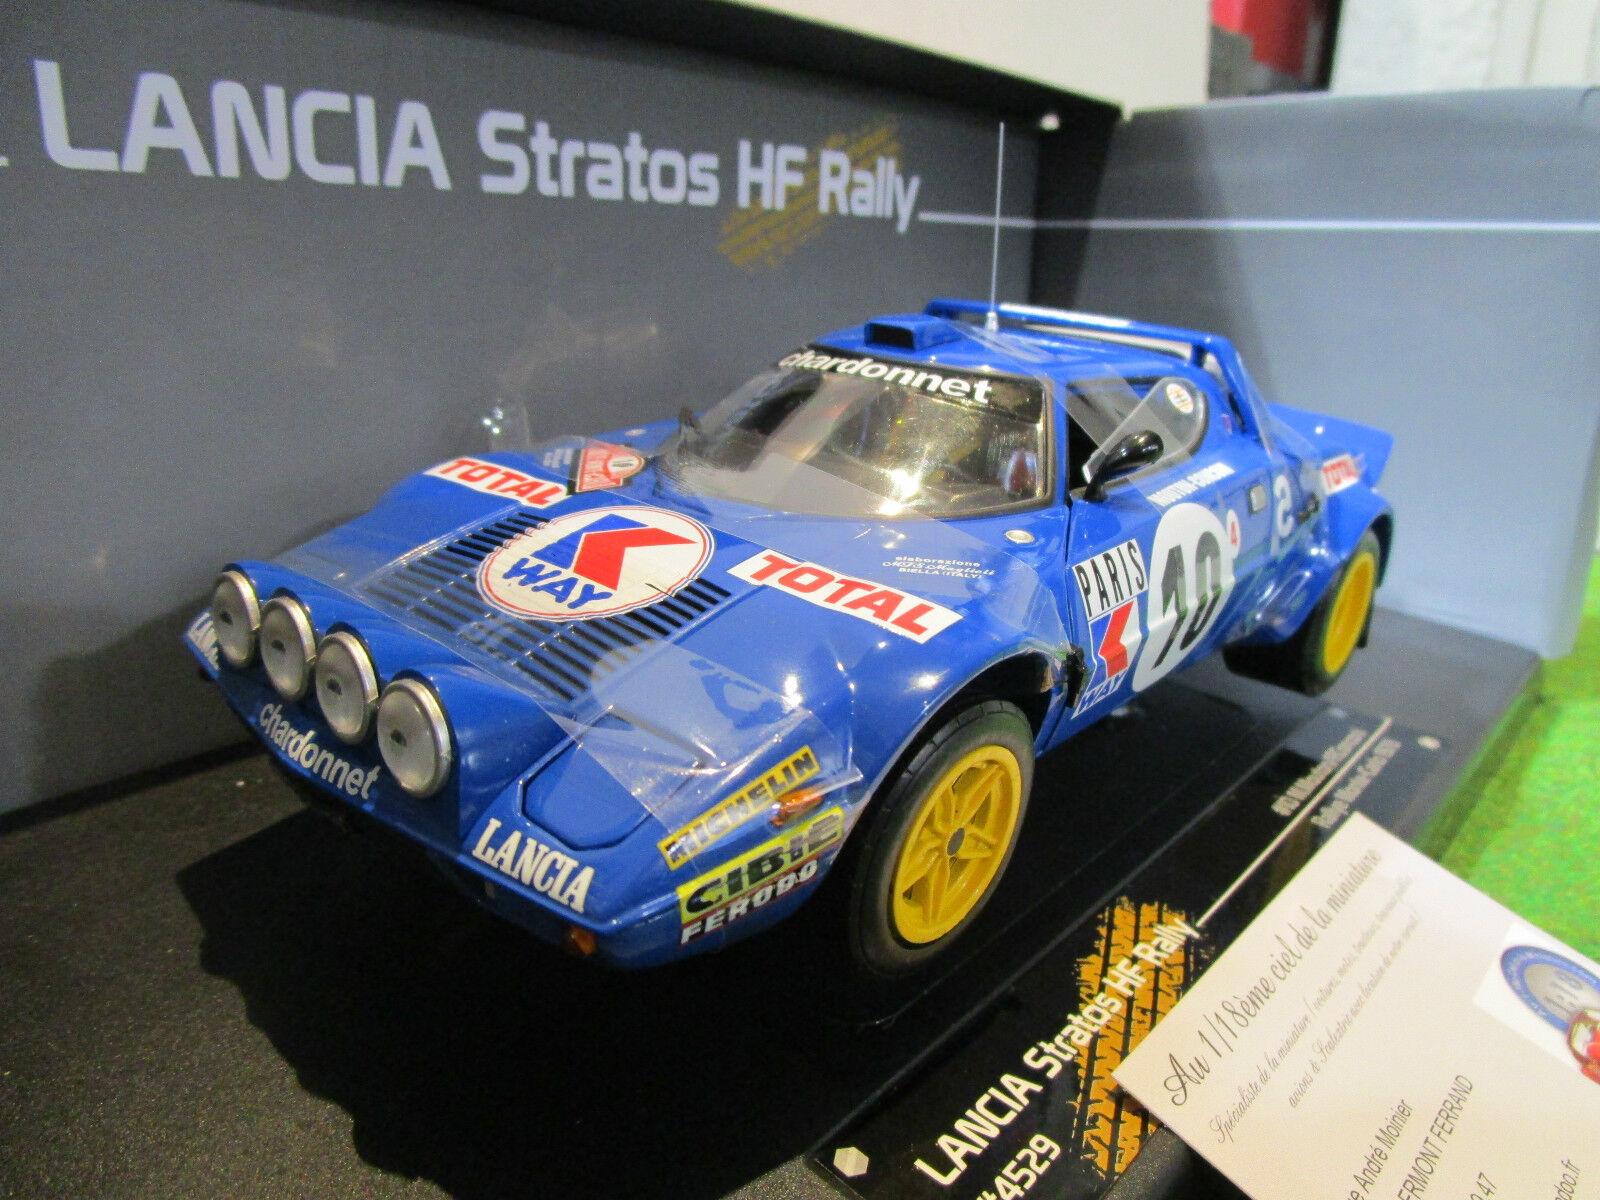 Lancia stratos  hf   10 rallye monte voiturelo 1978 1 18 sun star 4529 voiture miniat  bienvenue à l'ordre